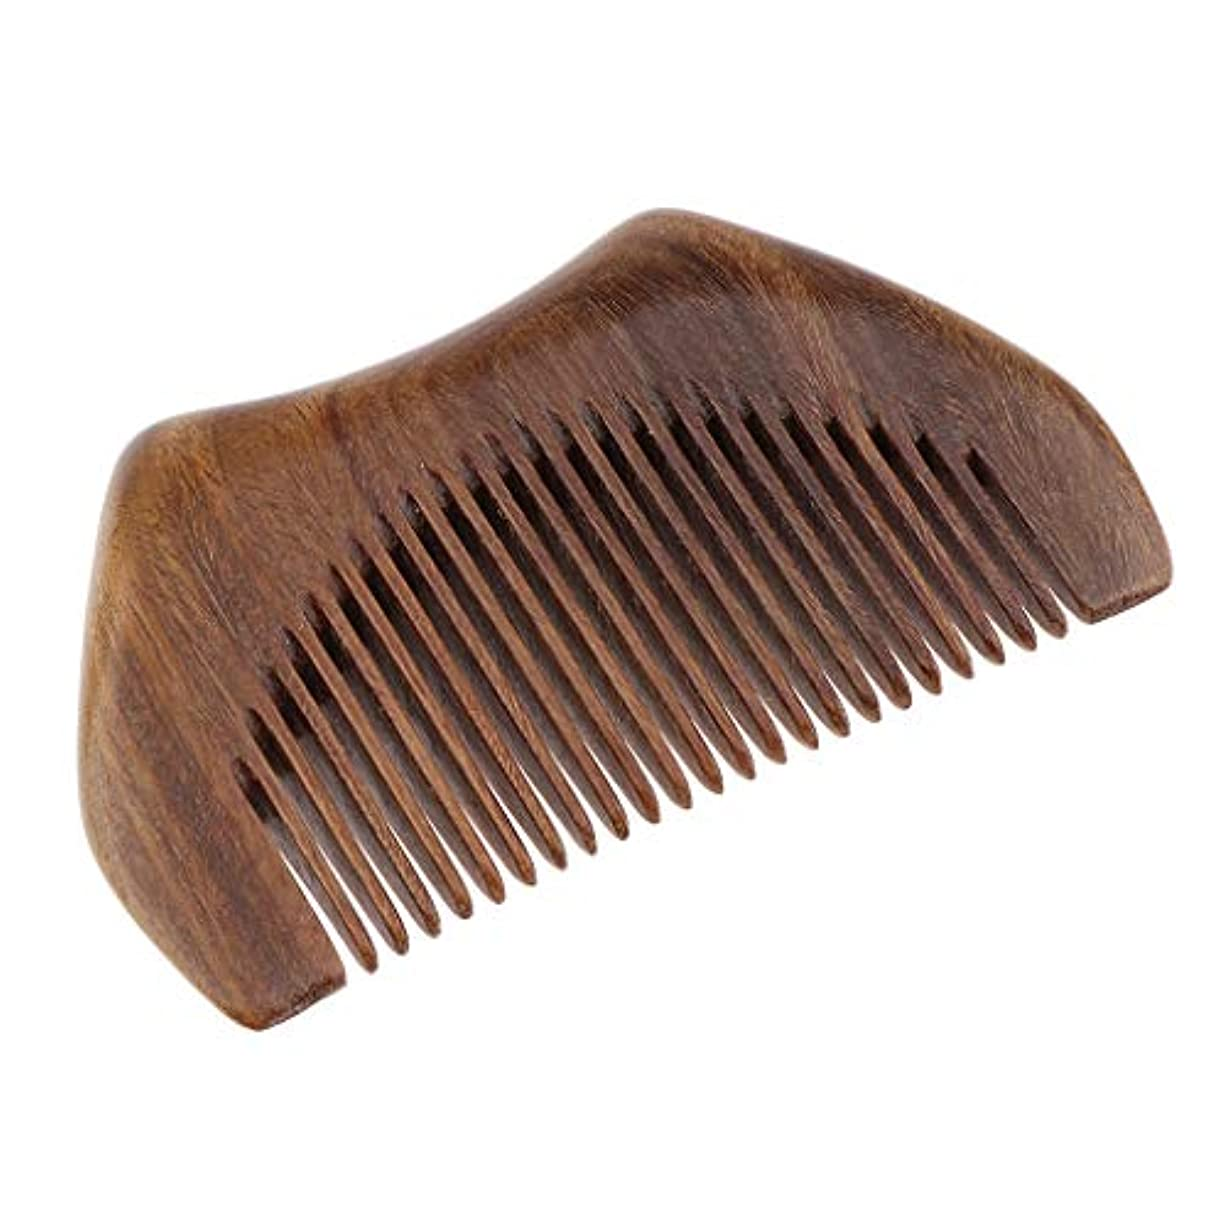 ゴミピクニック政治家のヘアコーム 木製櫛 ヘアブラシ ヘアスタイリング マッサージャー プレゼント